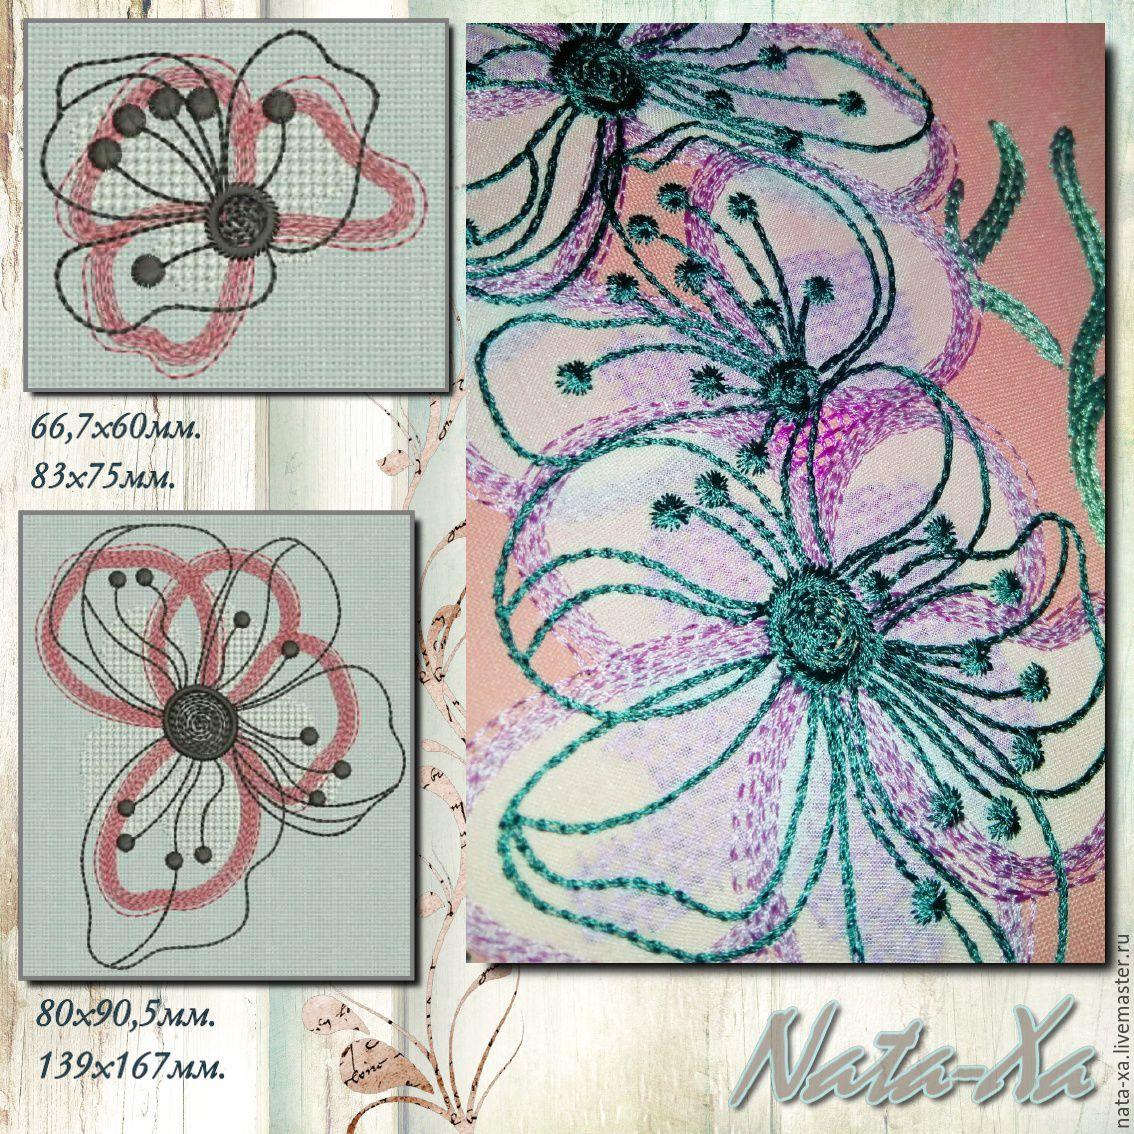 Дизайны машинной вышивки 24